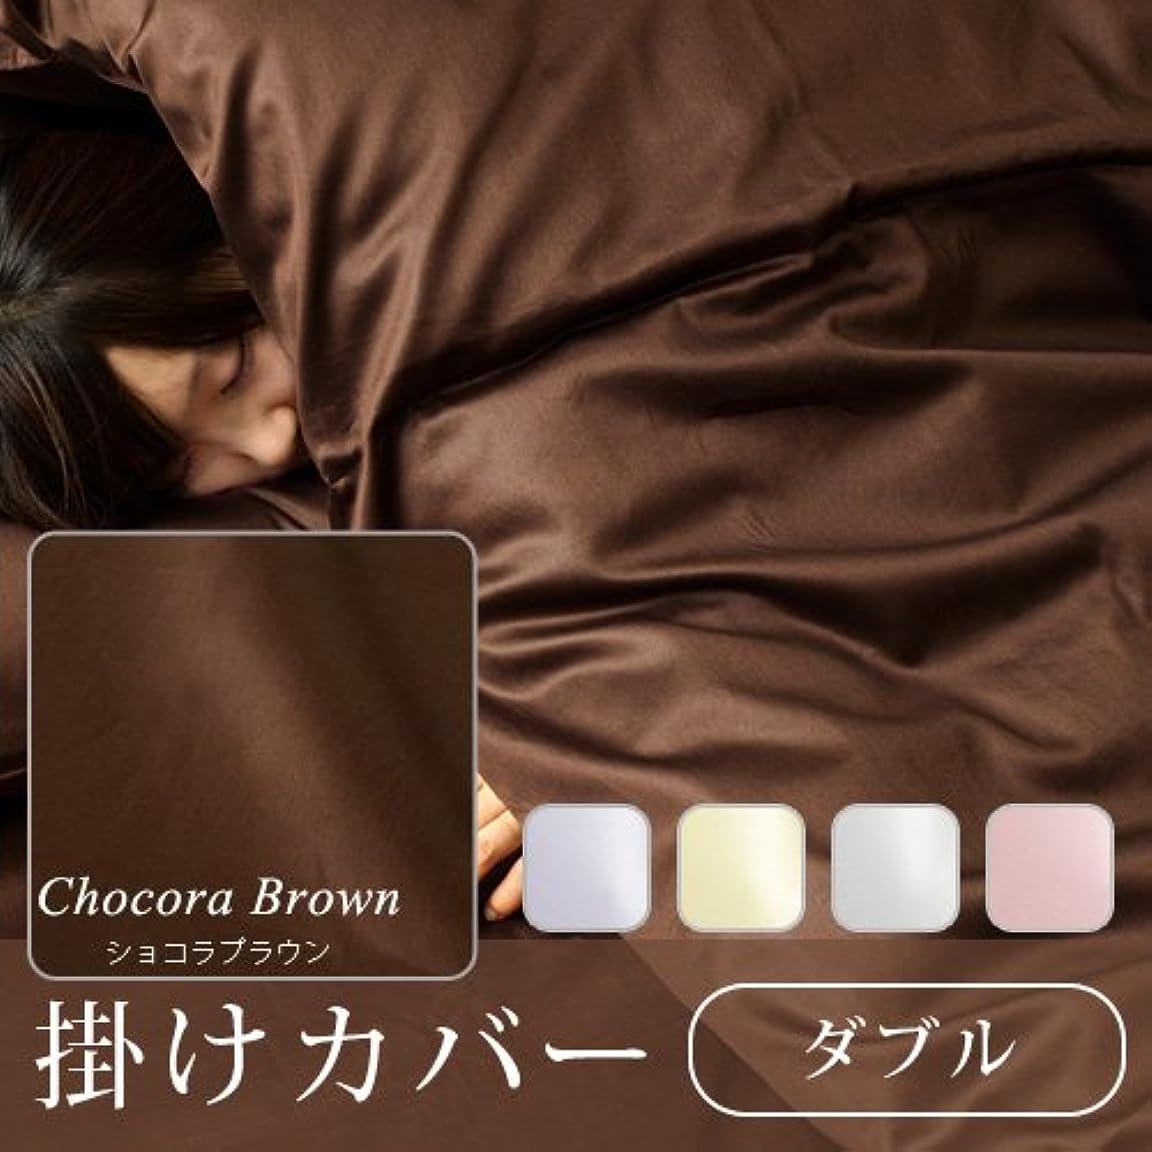 牽引言い聞かせるプラスNoble ノーブル 80サテン 掛け布団カバー [ ダブル/ショコラブラウン ] 日本製